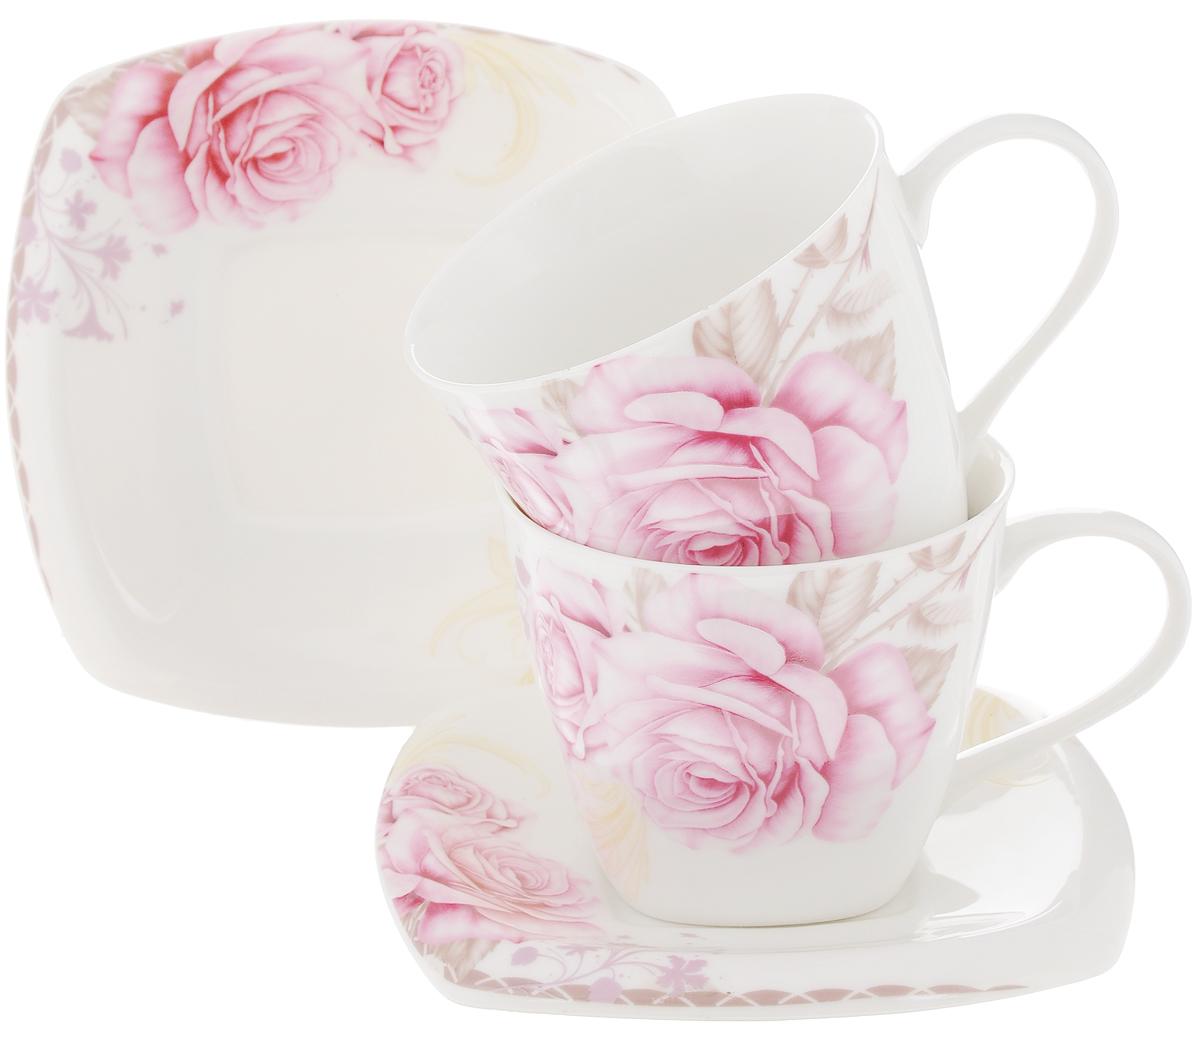 Набор чайный Patricia Розовые розы, 4 предметаVT-1520(SR)Чайный набор Patricia Розовые розы, выполненный из высококачественного фарфора, состоит из 2 чашек и 2 блюдец. Предметы набора декорированы изысканным изображением роз. Изделия прекрасно подойдут как для повседневного использования, так и для праздников. Набор Patricia Розовые розы - это не только яркий и полезный подарок для родных и близких, но и великолепное дизайнерское решение для вашей кухни или столовой. Набор имеет подарочную упаковку, задрапированную белой атласной тканью. Можно мыть в посудомоечной машине и использовать в микроволновой печи. Объем чашки: 220 мл. Диаметр чашки (по верхнему краю): 8,5 см. Высота чашки: 7,2 см. Размер блюдца: 13 х 13 см.Высота блюдца: 1,9 см.